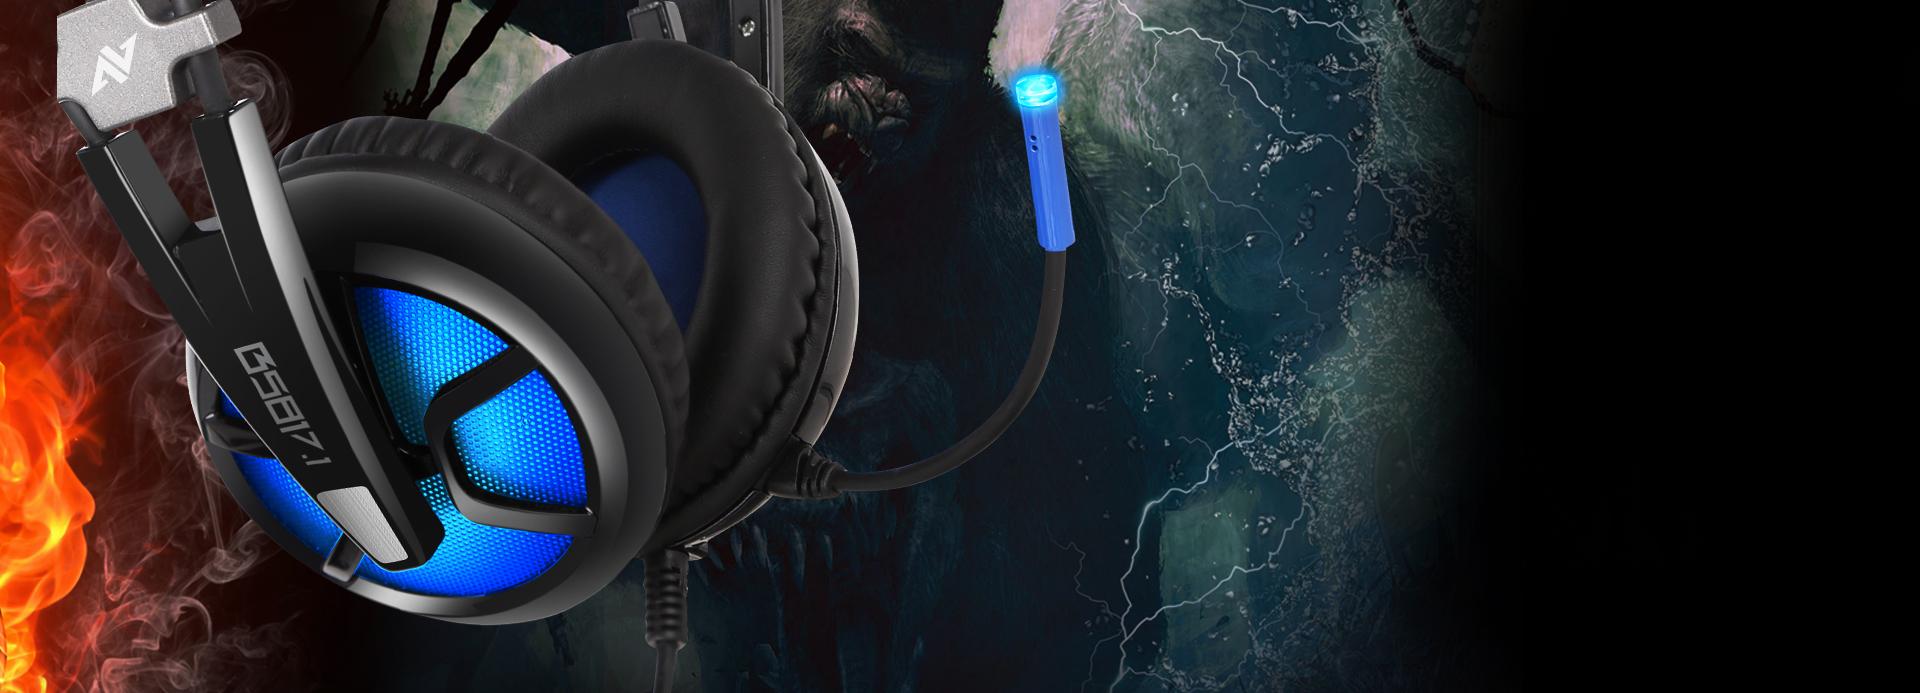 Auriculares B581 Virtual 7.1 Imagen descripción audio dinámico